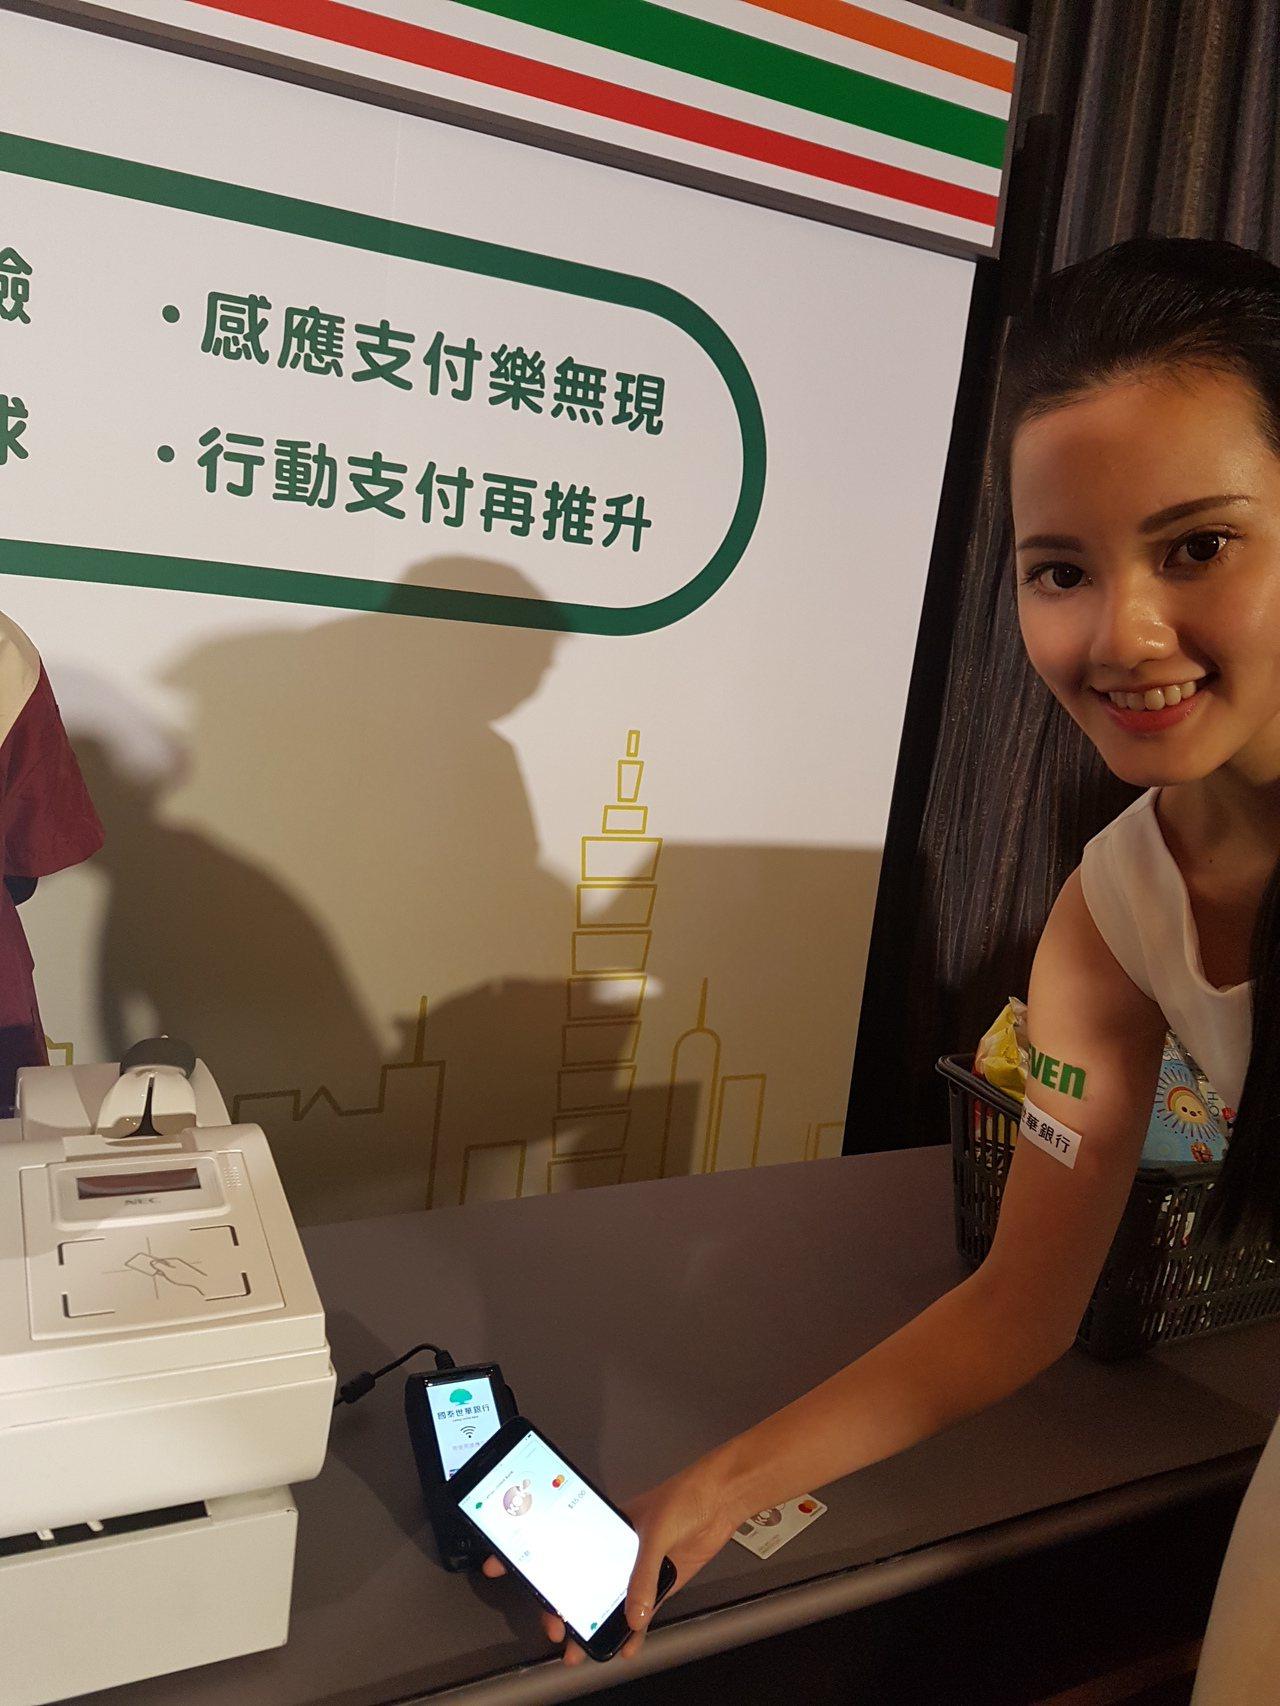 國泰世華表示,明年元旦起到1月30日,在統一超商以國泰世華信用卡「感應消費」,單...